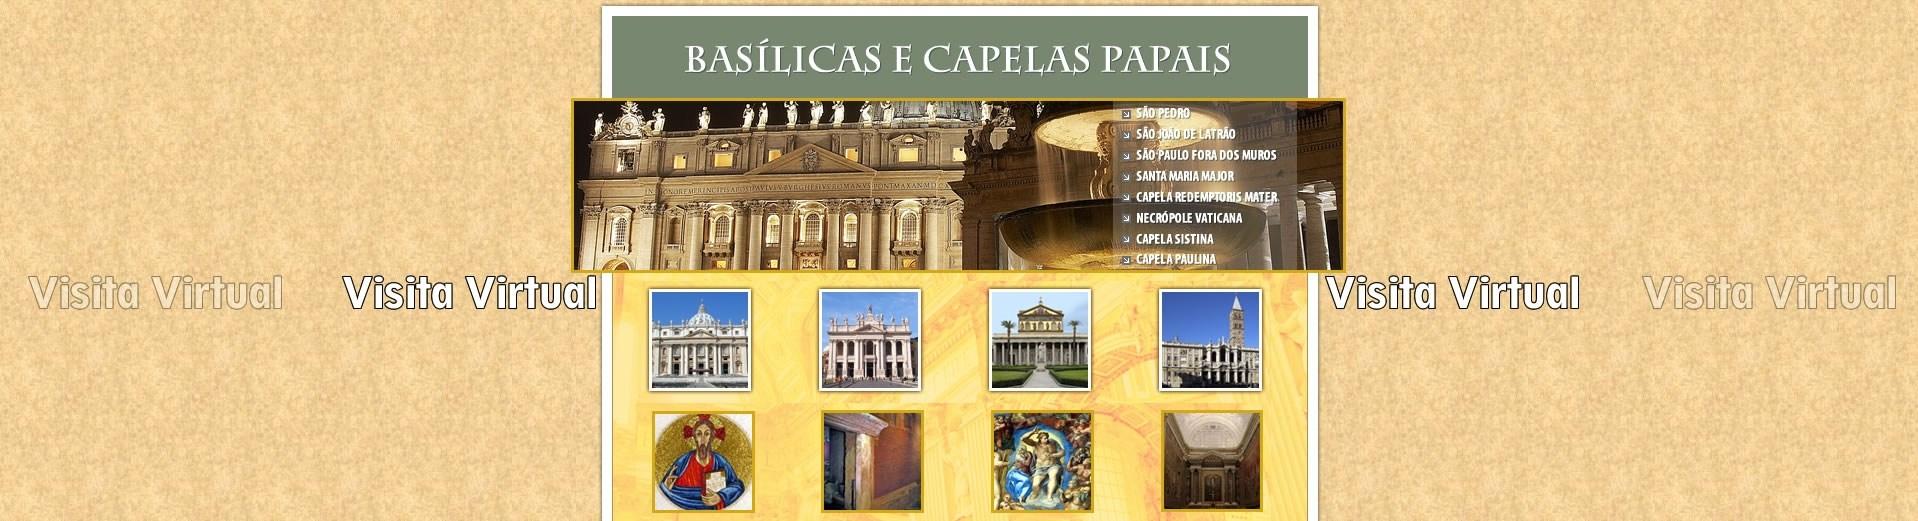 Visita Virtual das Capelas e basílicas Papais